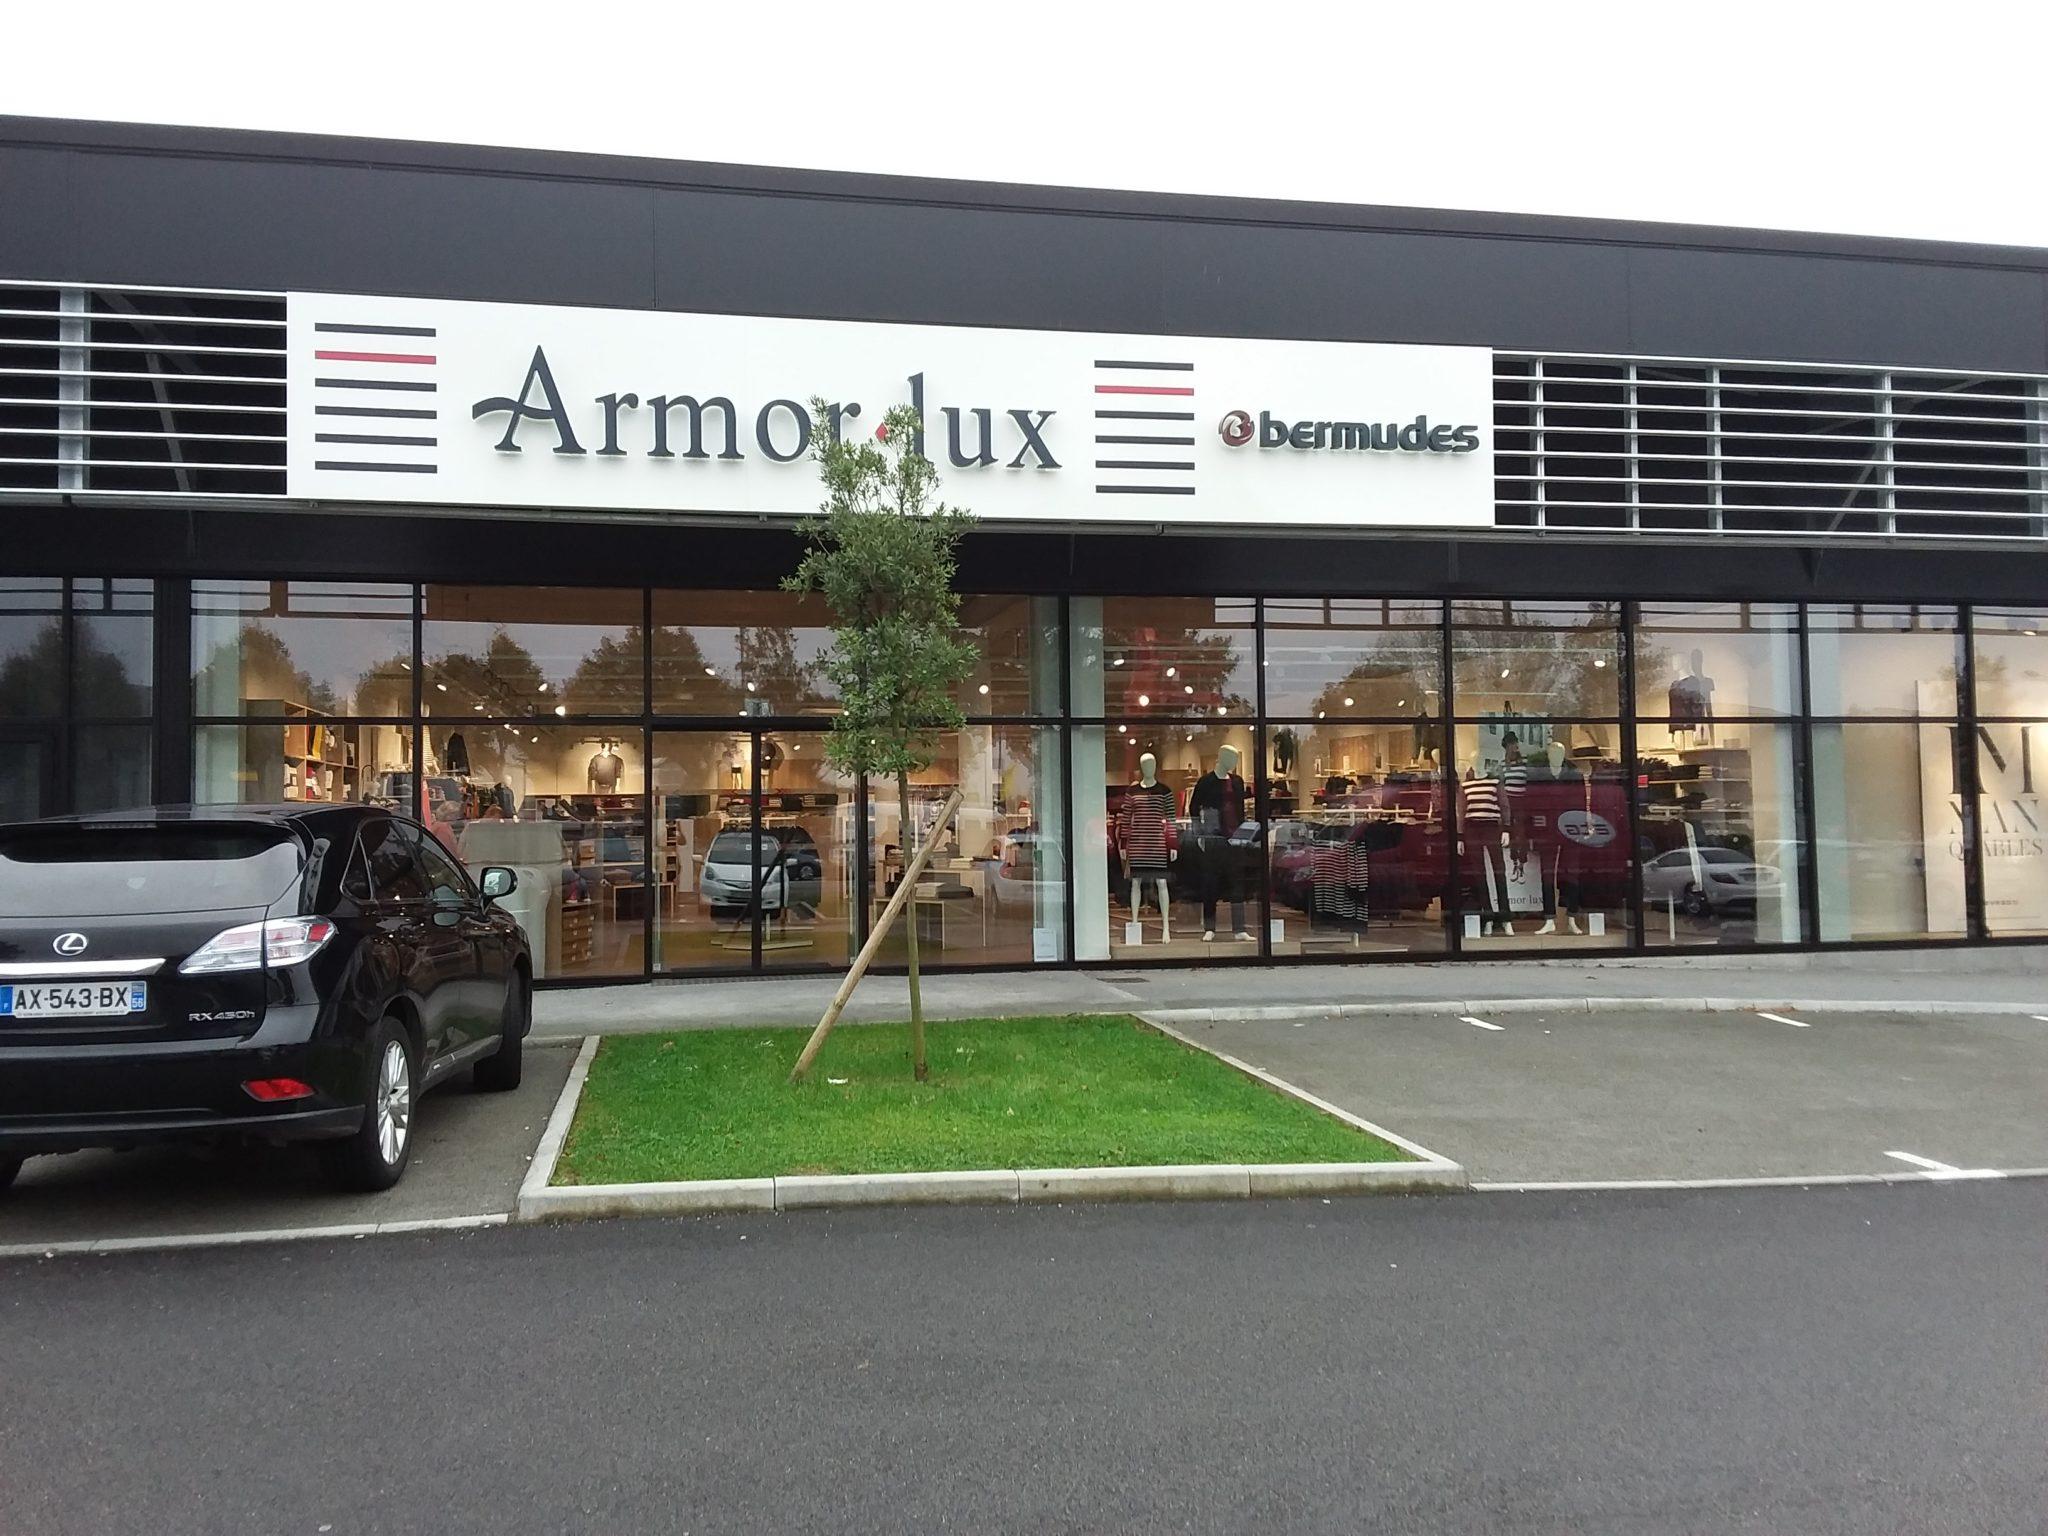 Armor lux - Auray